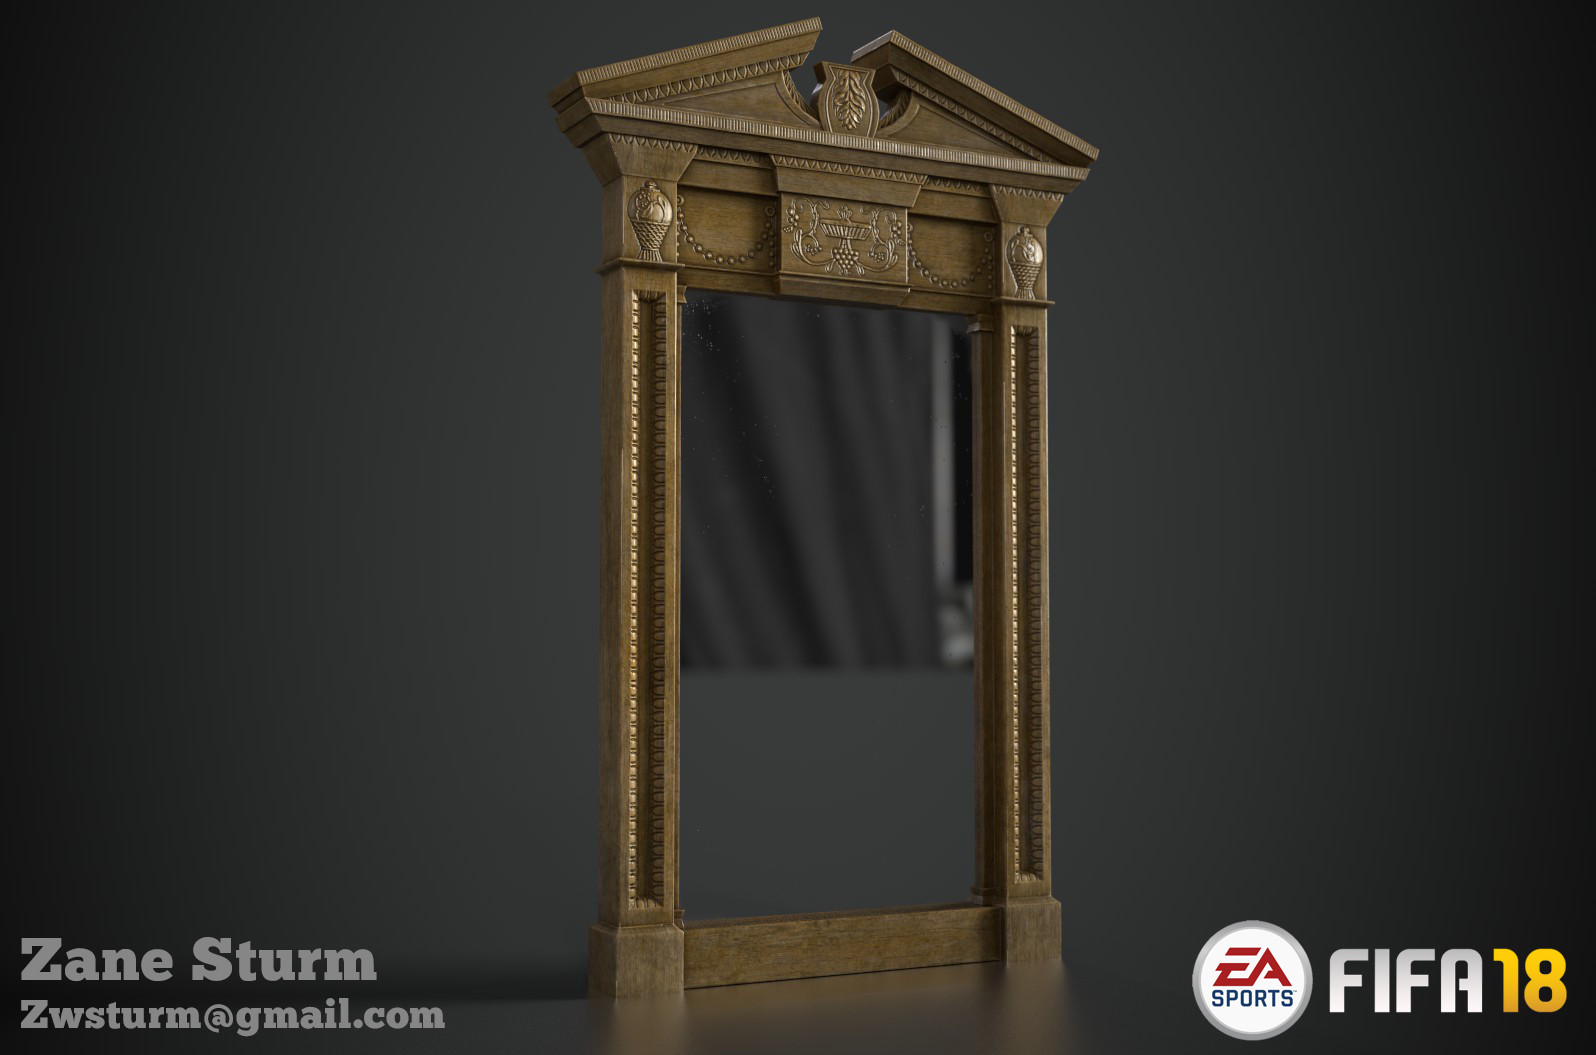 Zane sturm standing mirror